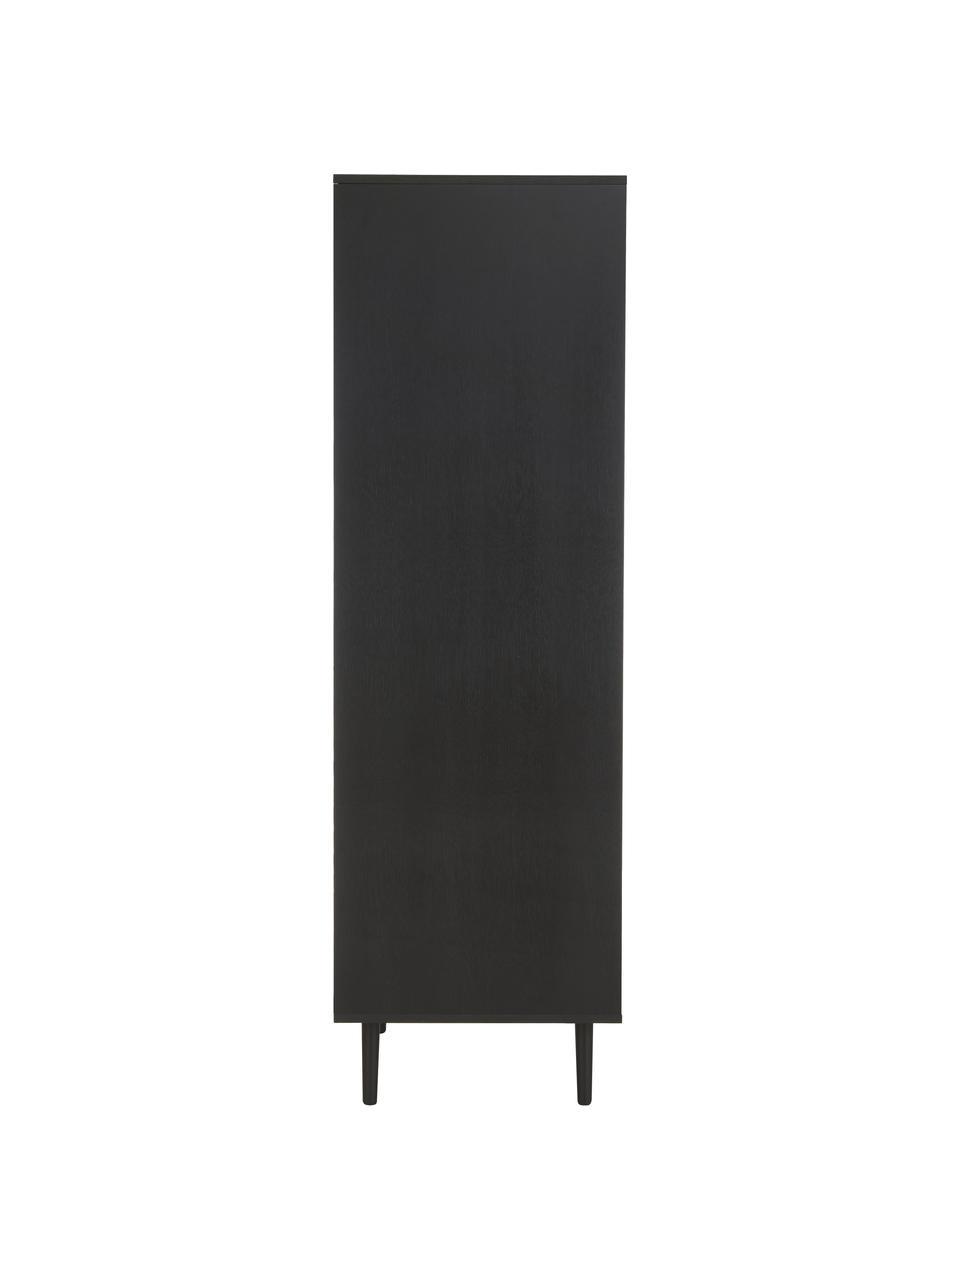 Kledingkast Aries in zwart, Frame: spaanplaat met eikenhoutf, Poten: massief eikenhout, Zwart, 100 x 194 cm